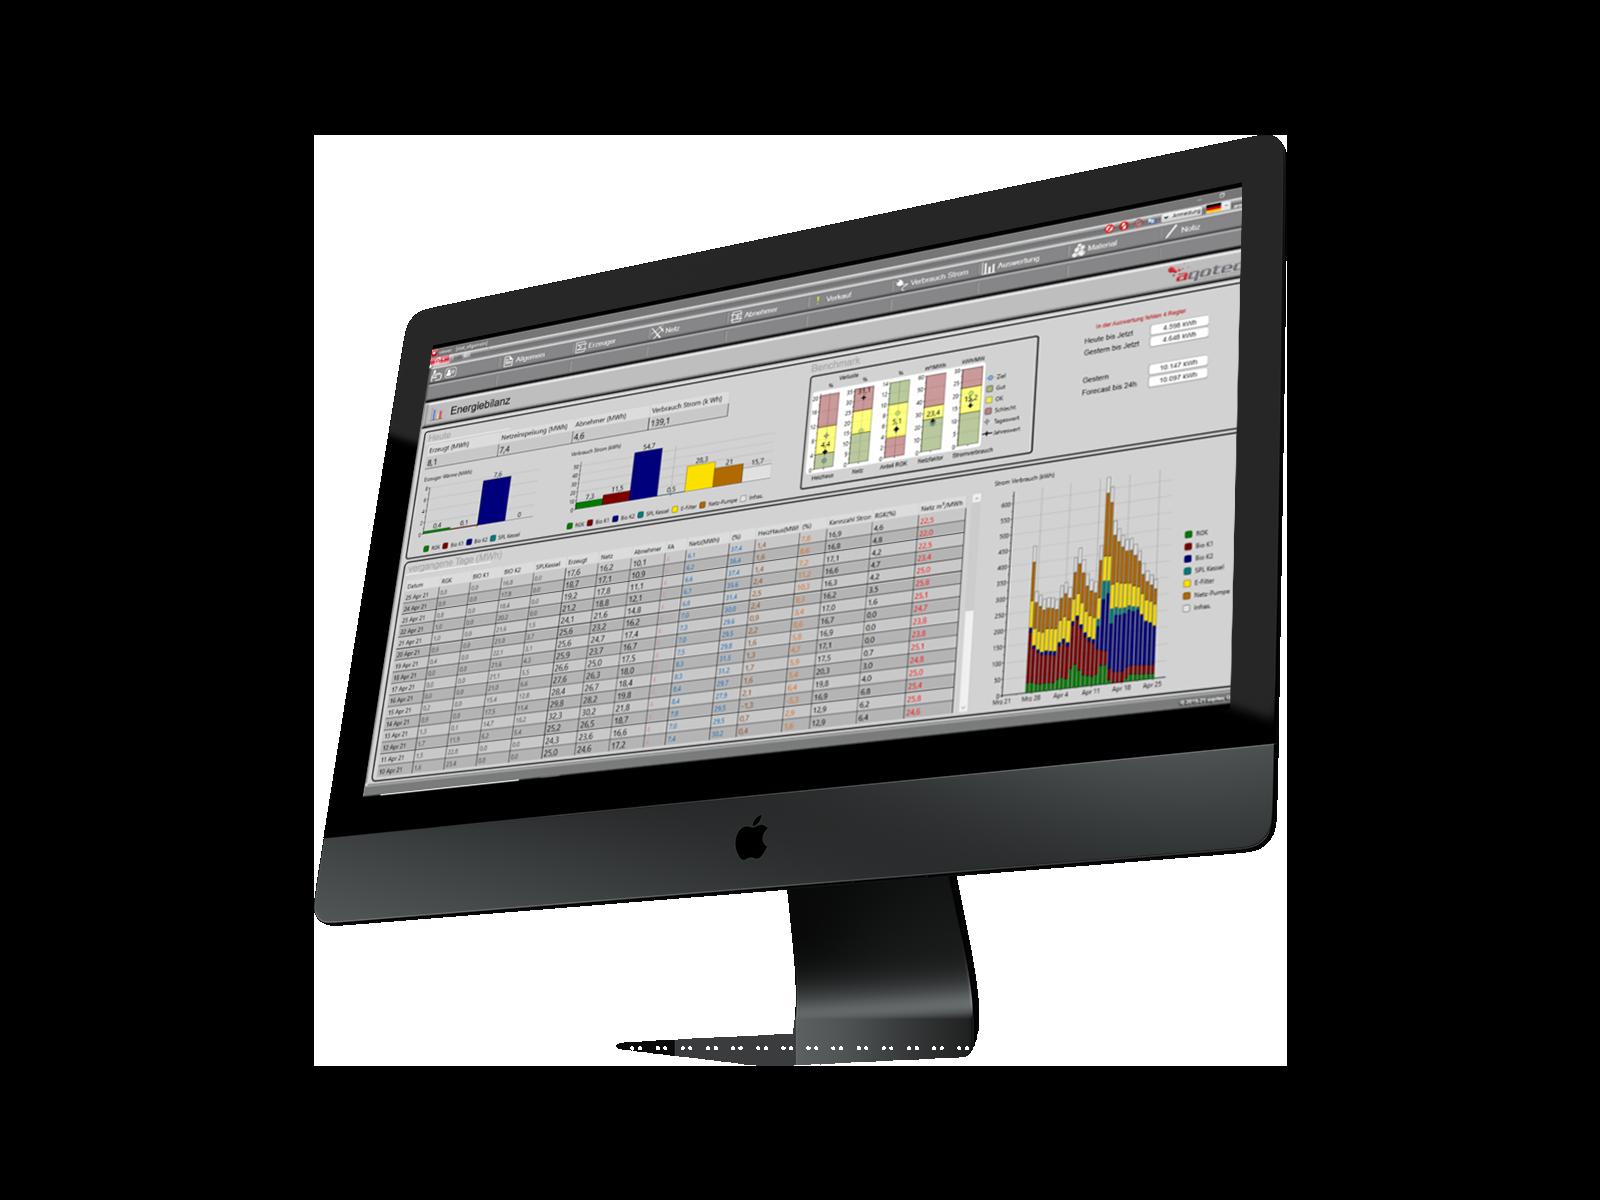 Energiebilanz-Software